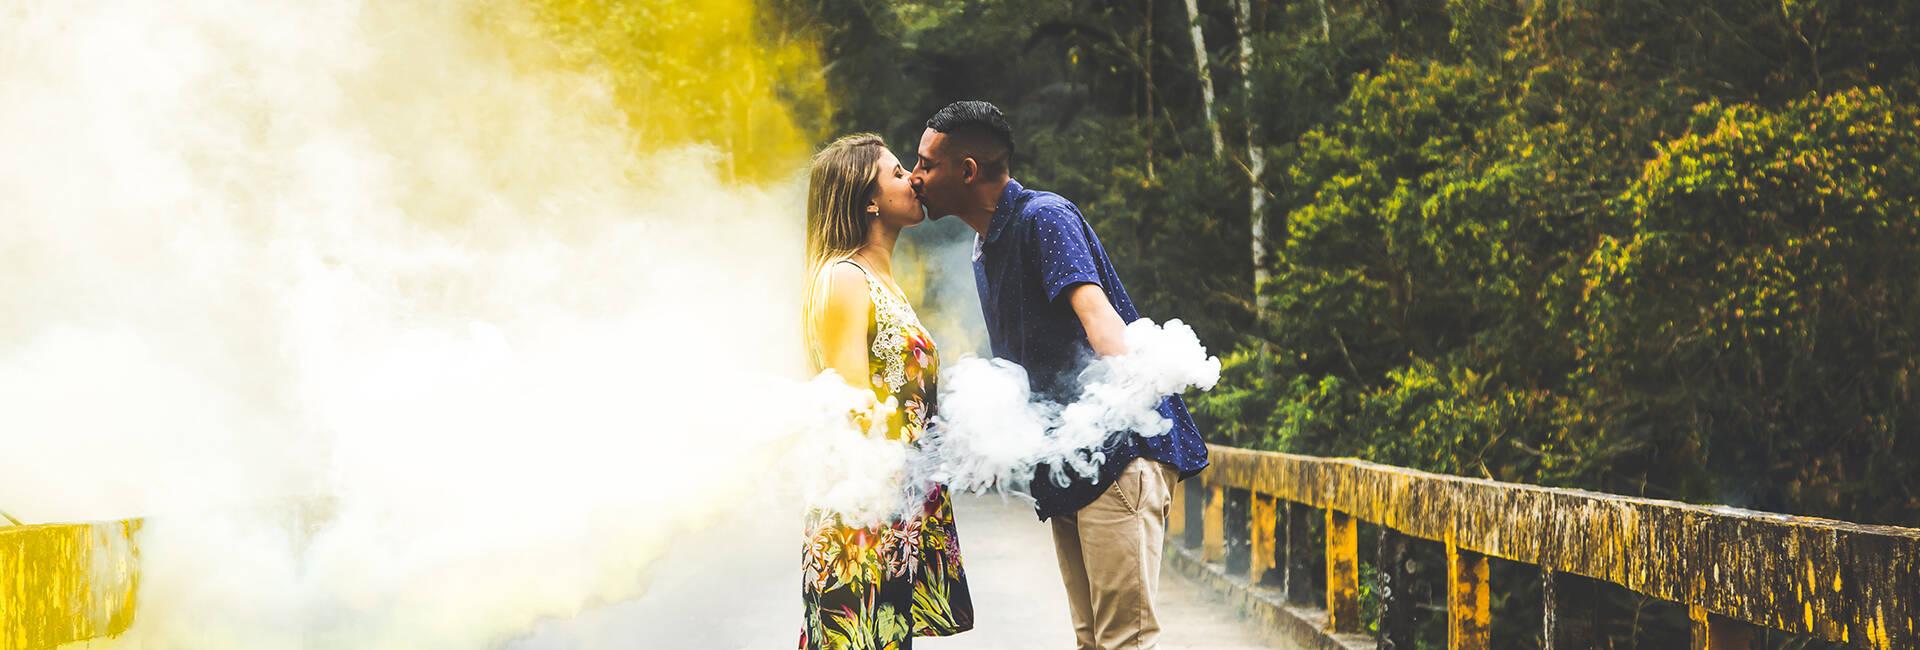 Pré Wedding de Parque das Neblinas - SP